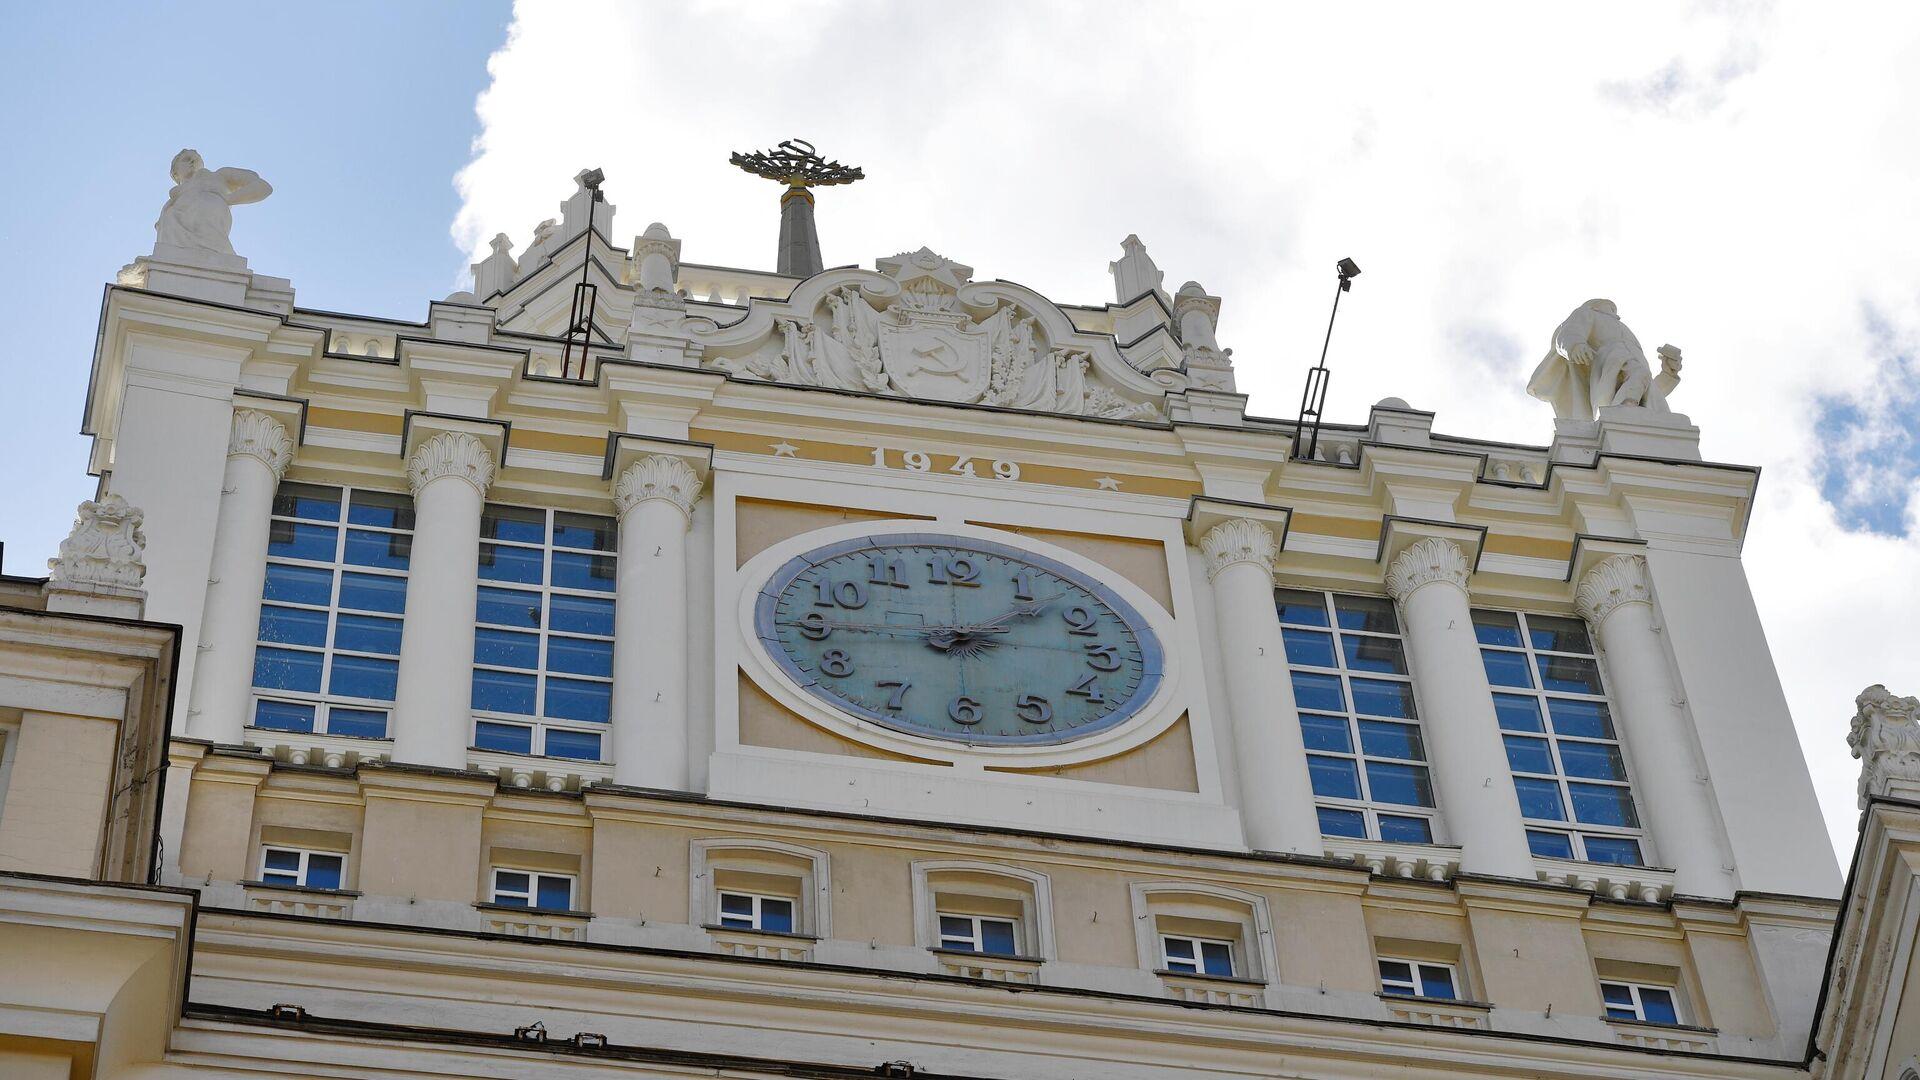 Здание гостиницы Пекин в Москве - РИА Новости, 1920, 16.06.2021